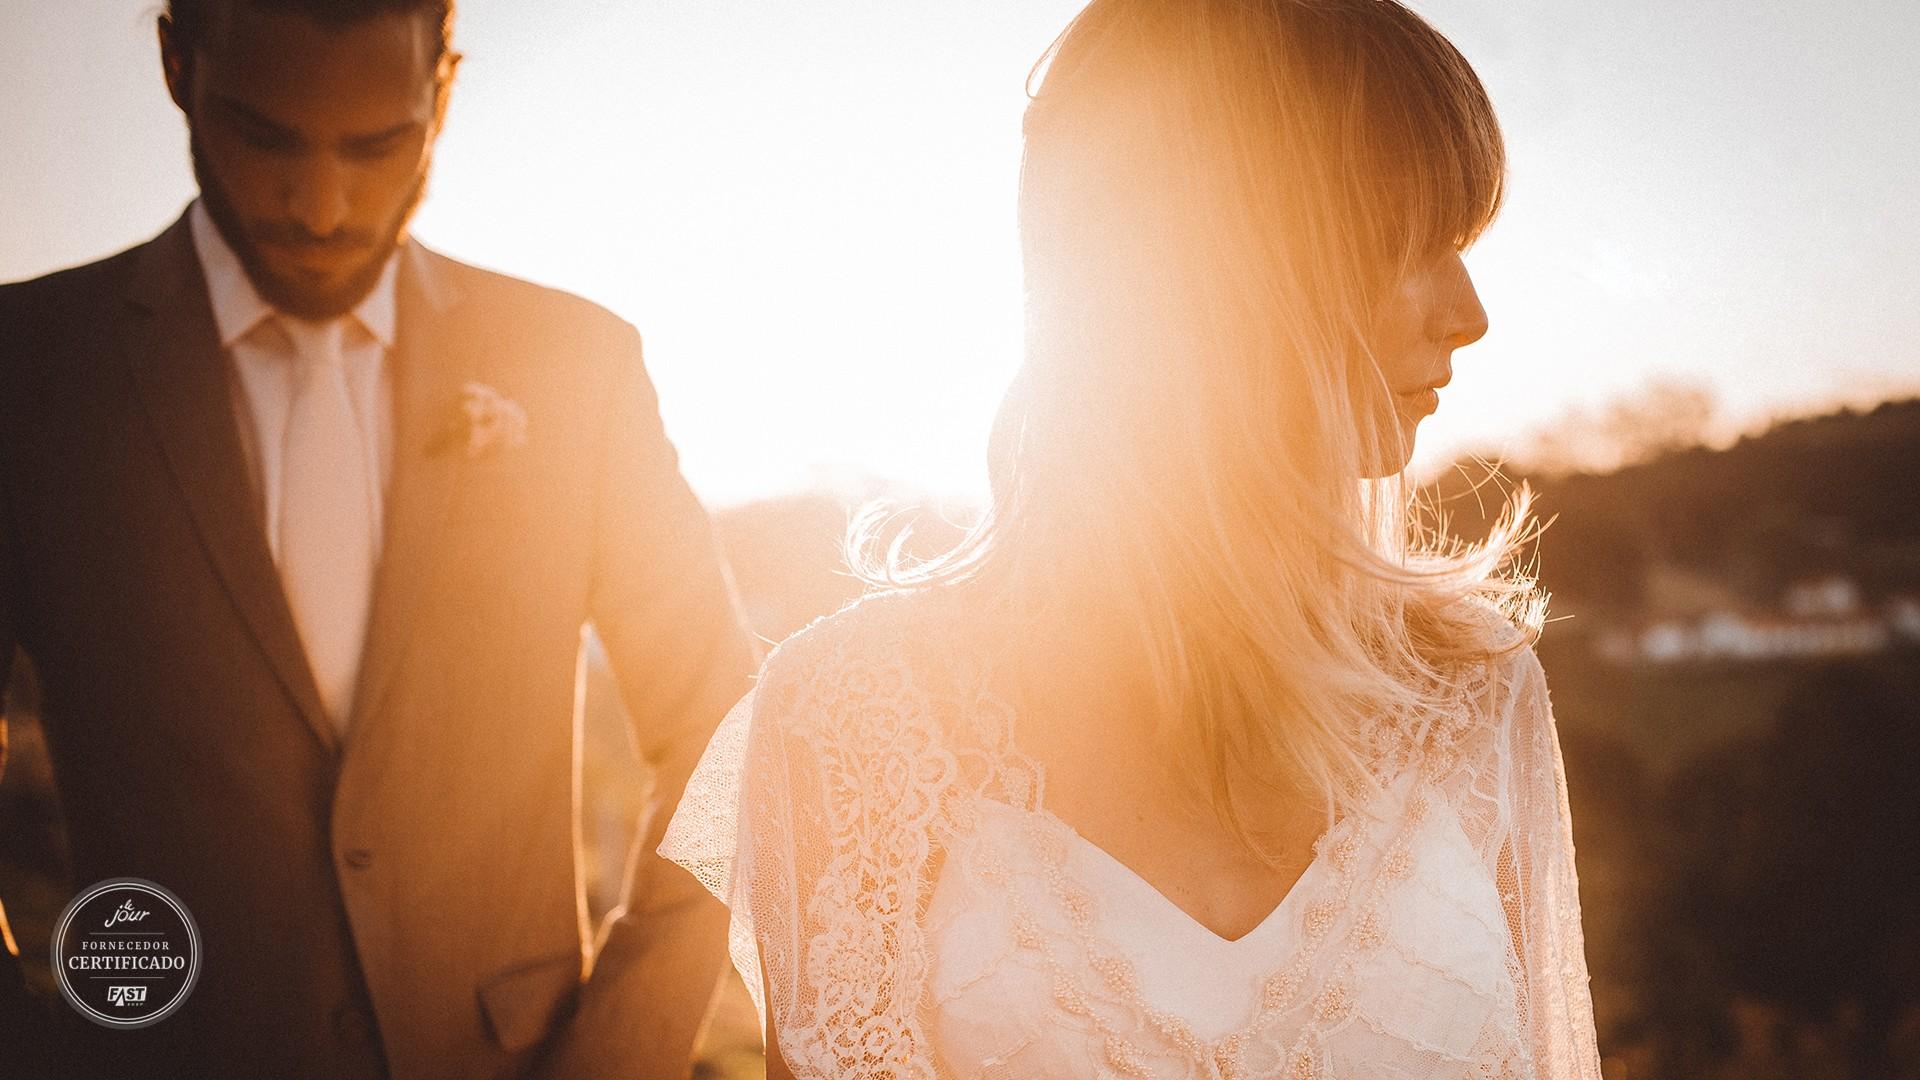 casal posando no ensaio de fotos do casamento